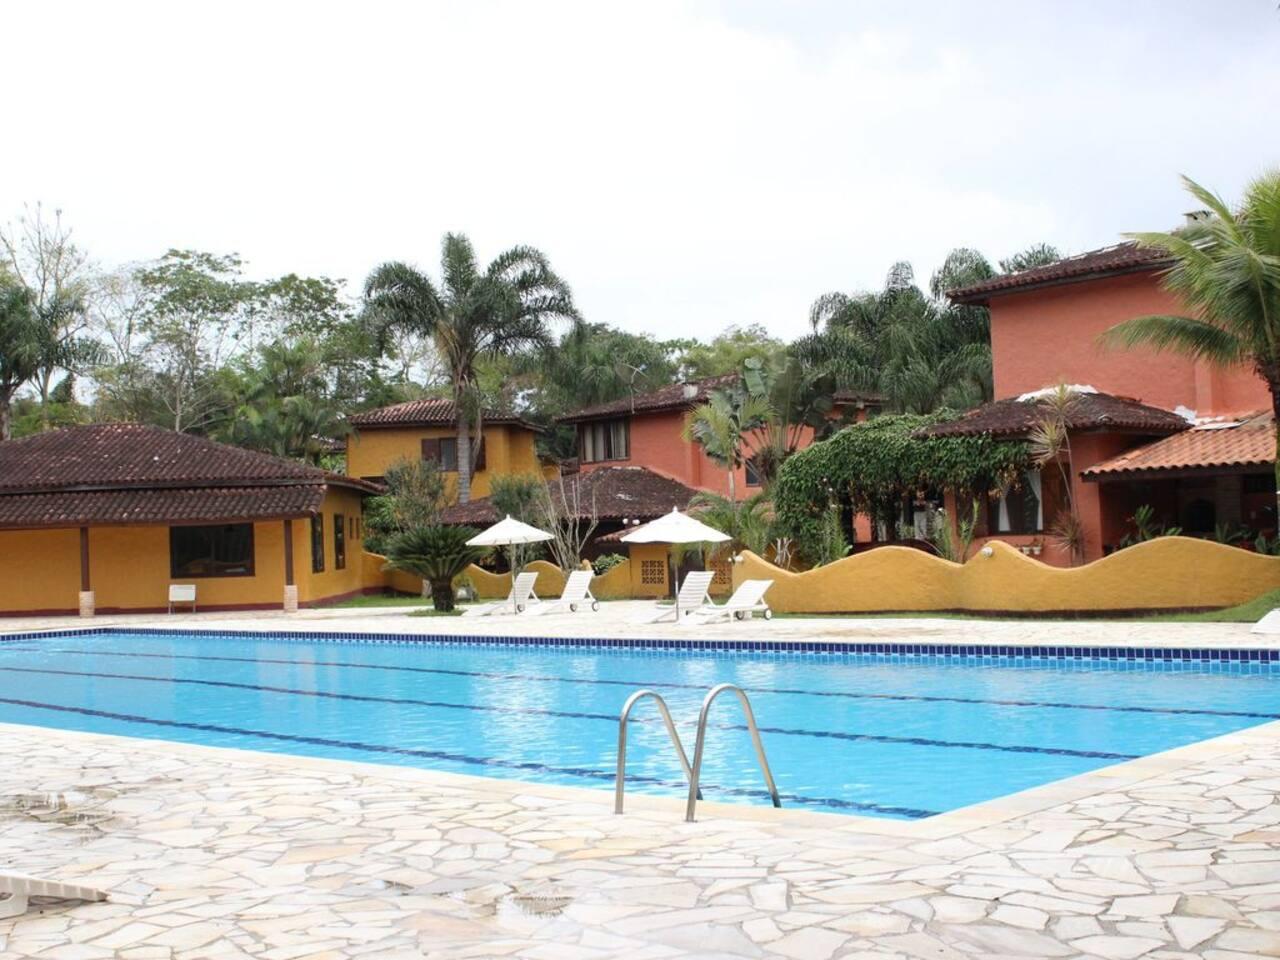 Vista da piscina e das casas